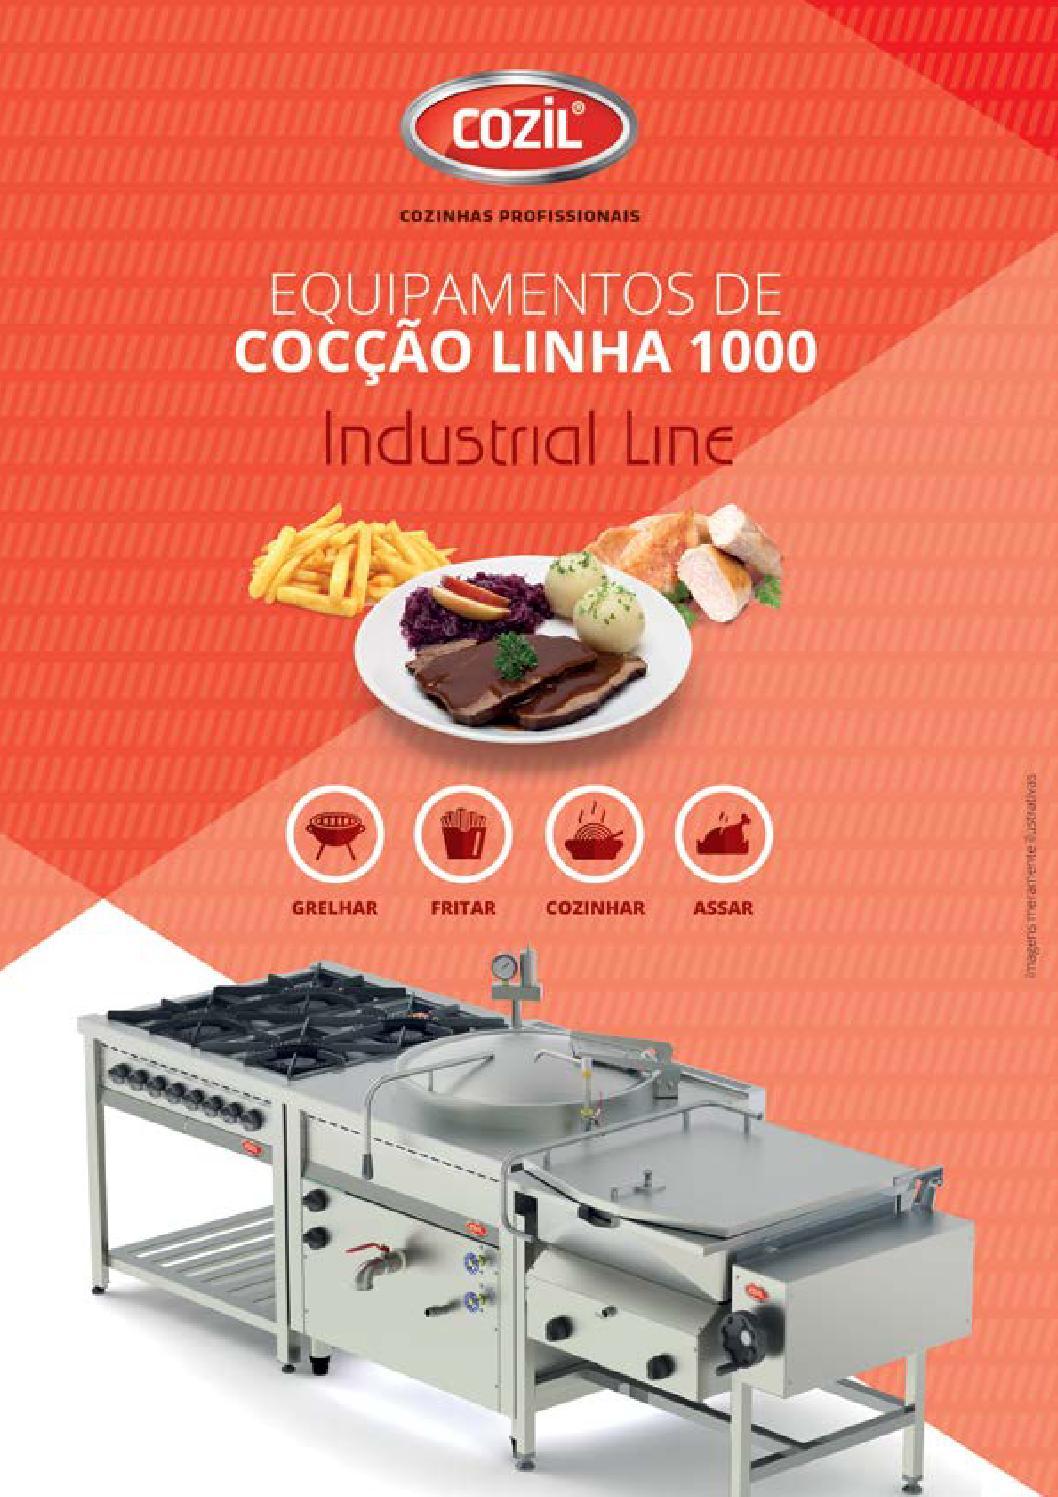 Cozil Cat Logo Industrial Line Linha De Coc O 1000 By Cozil